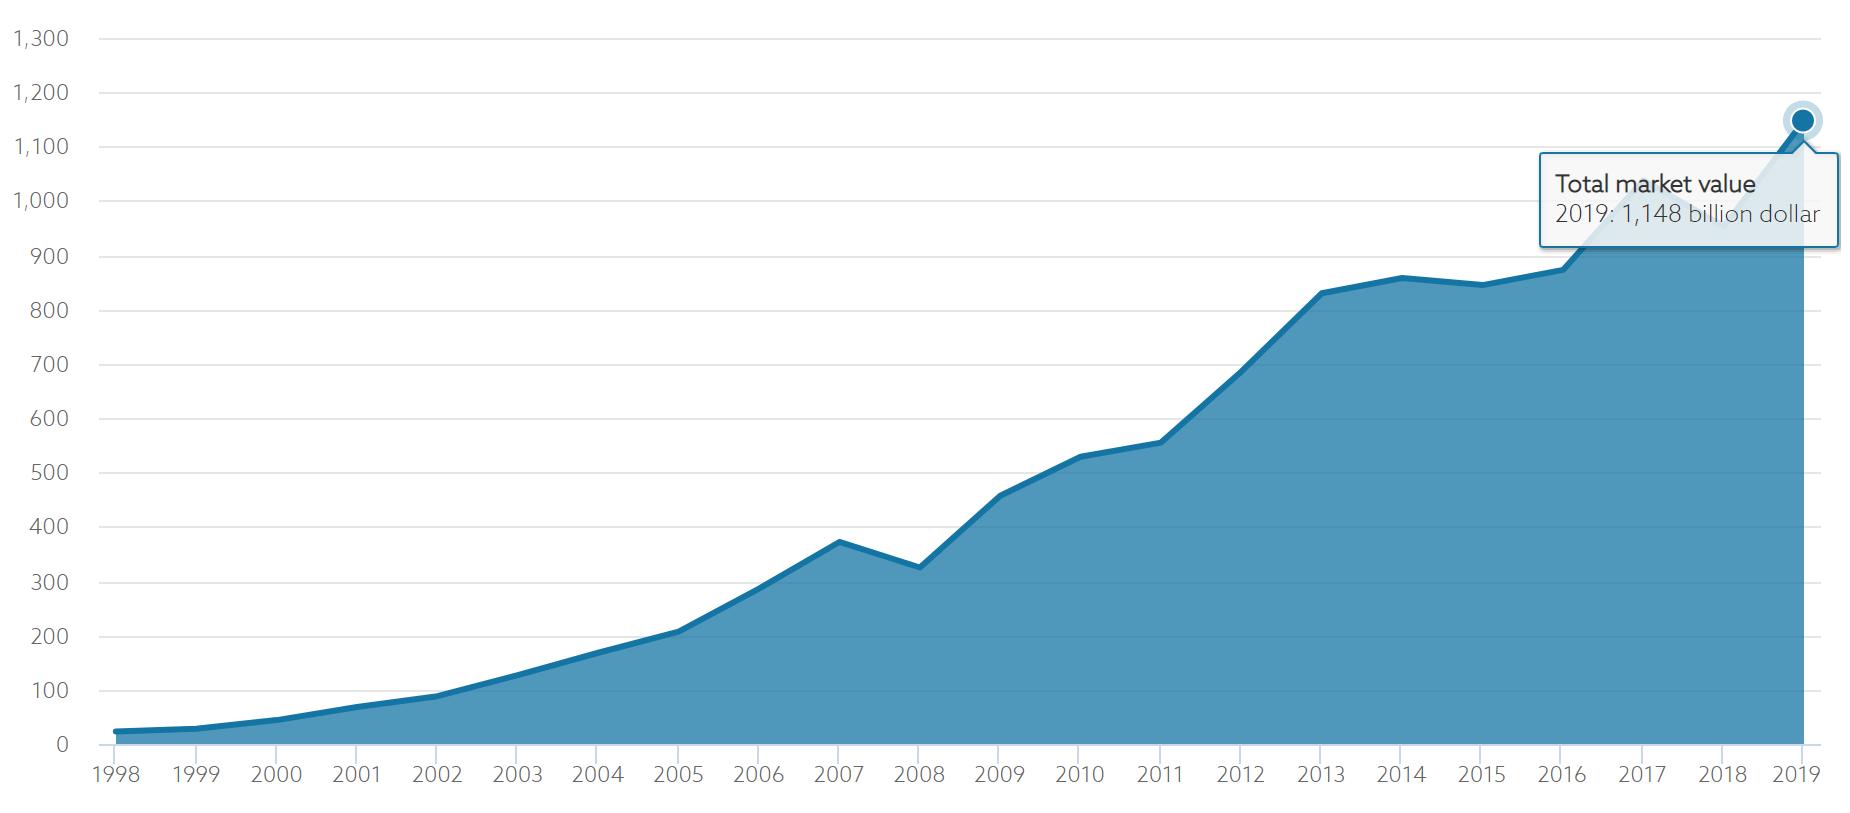 疫情油价双击!全球最大主权基金撤资350亿欧元 继续减持煤炭股仓位